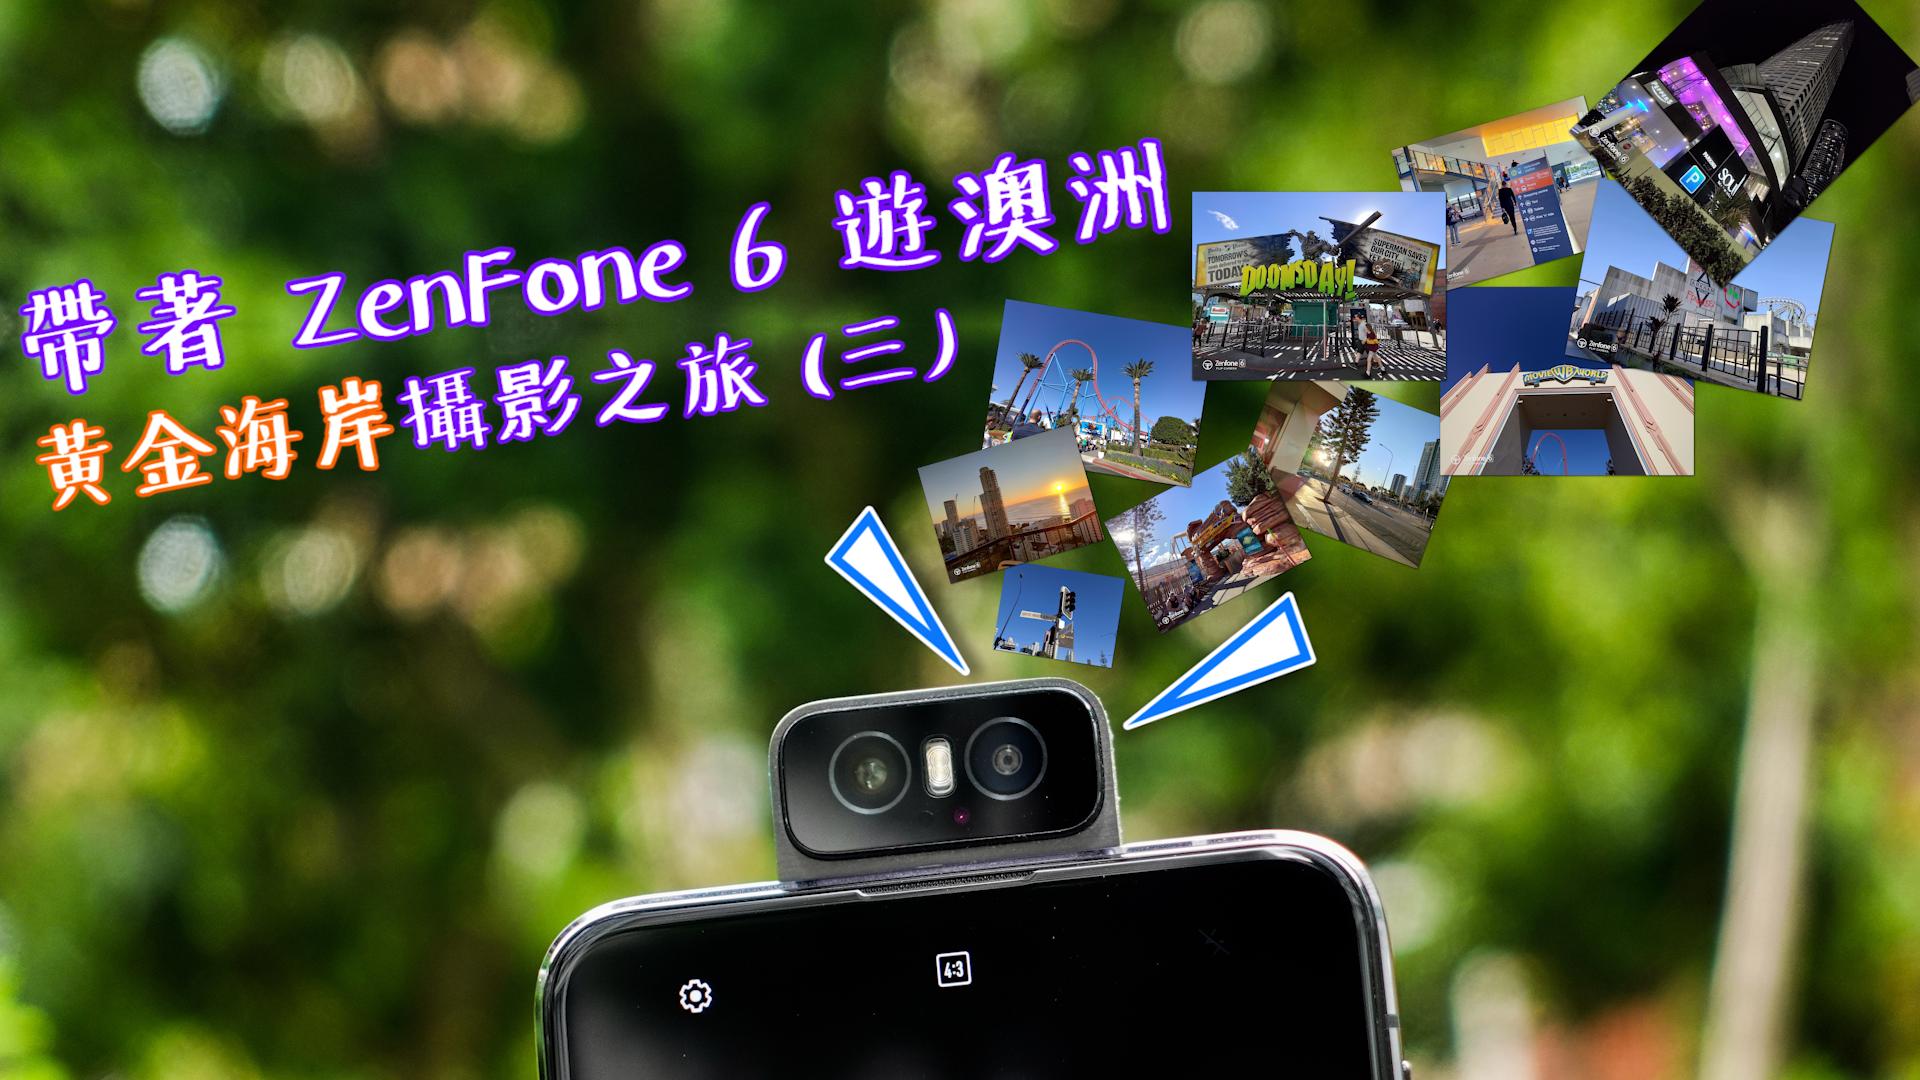 翻轉視界!帶著 ZenFone 6 遊澳洲:黃金海岸攝影之旅 (三)!( 華納兄弟電影世界 )